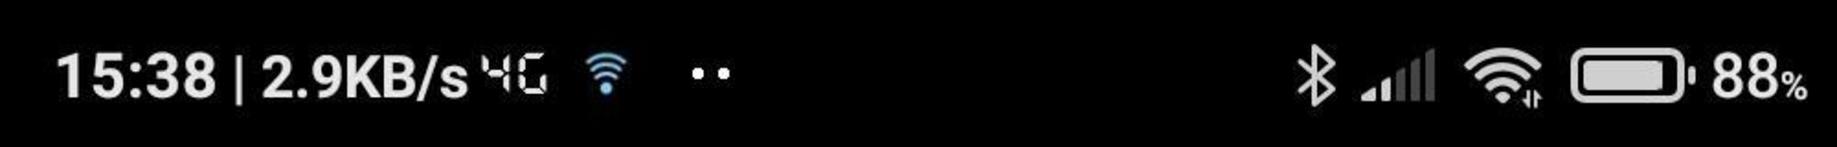 Screenshot_2021-08-30-15-38-15-147_com.wilysis.cellinfolite-detail.jpeg